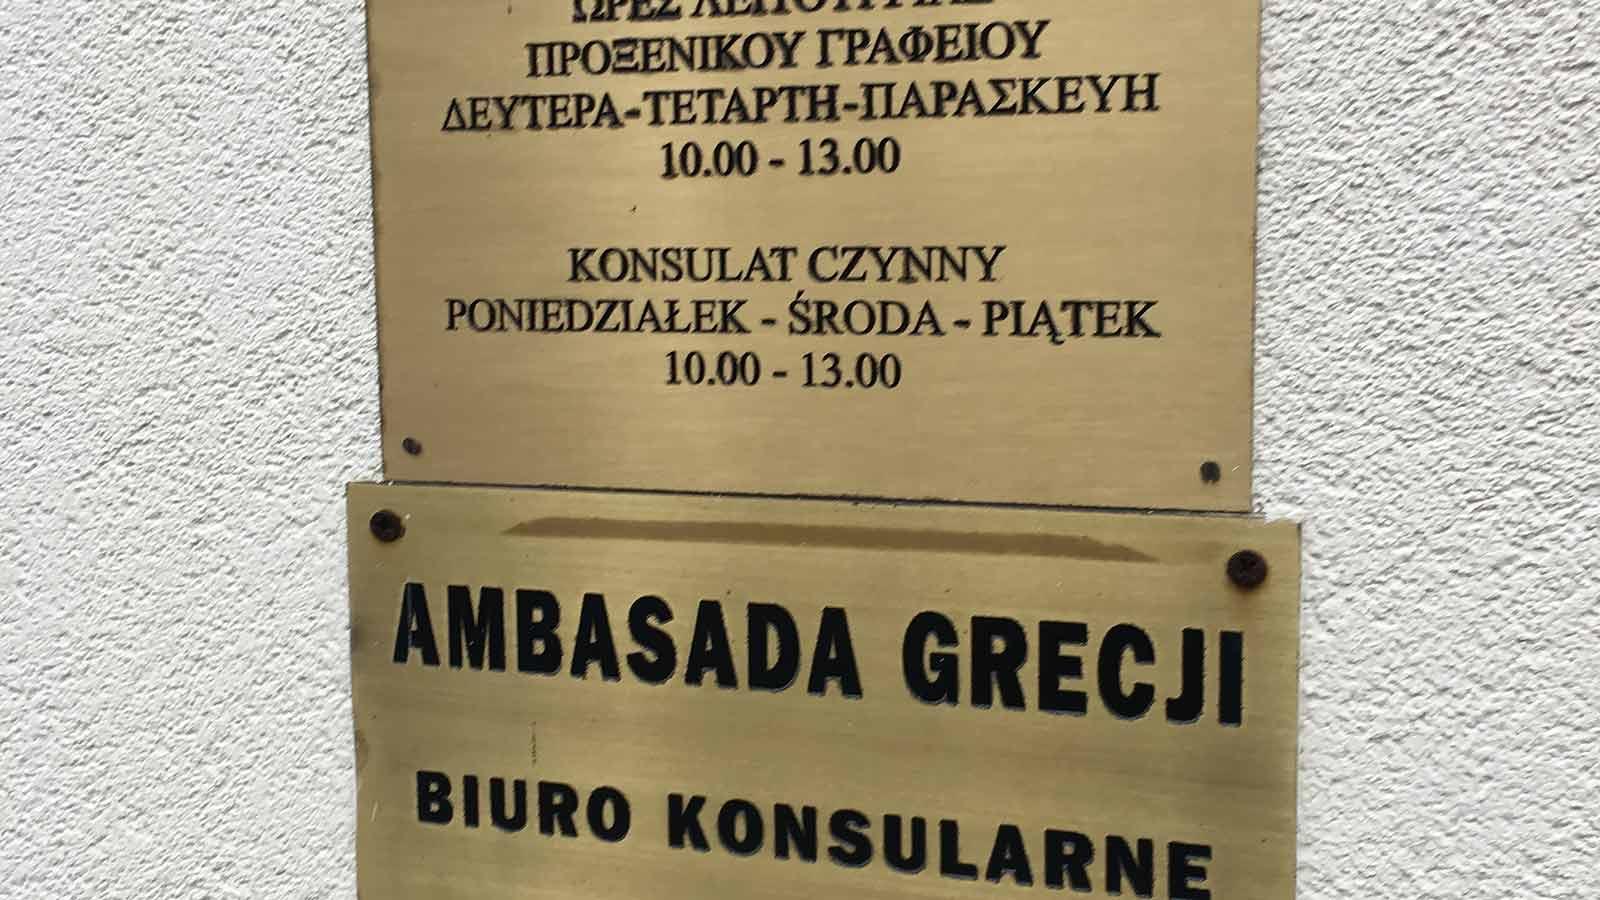 Ambasada Grecji